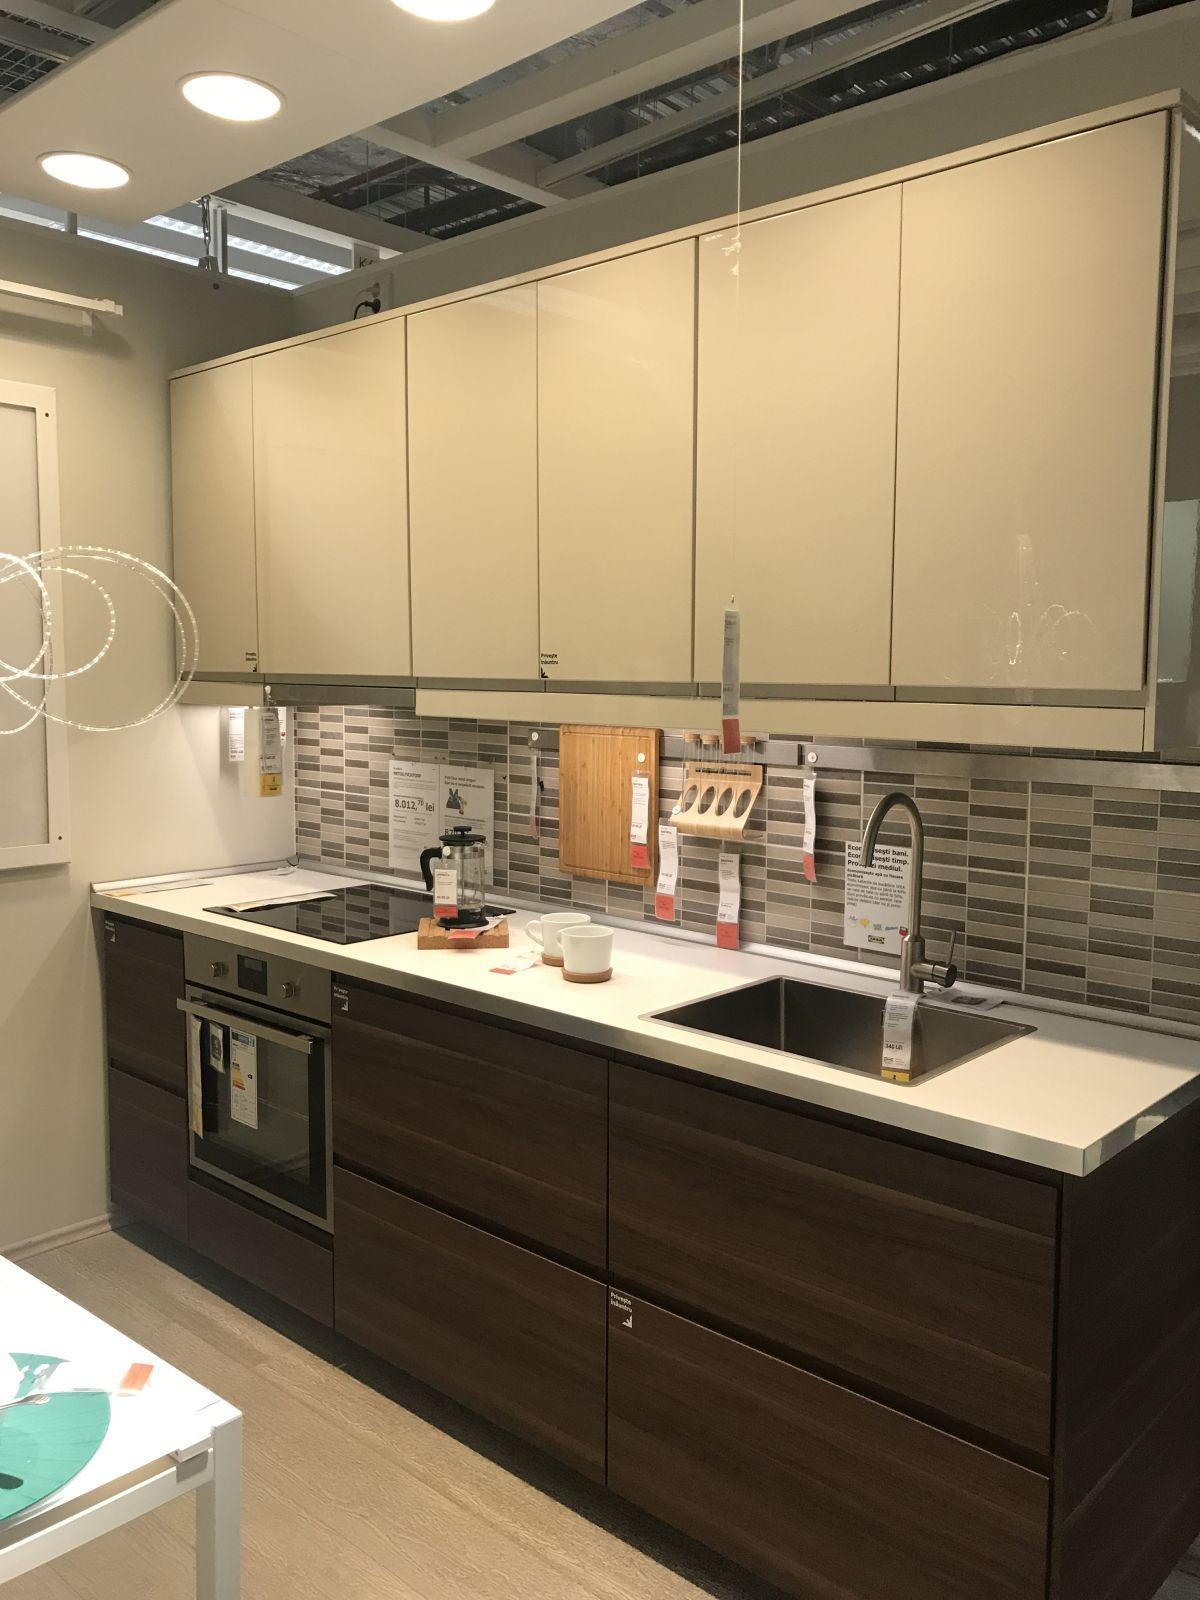 Küchendesign 2018 erstellen sie einen stilvollen raum beginnend mit einem ikea